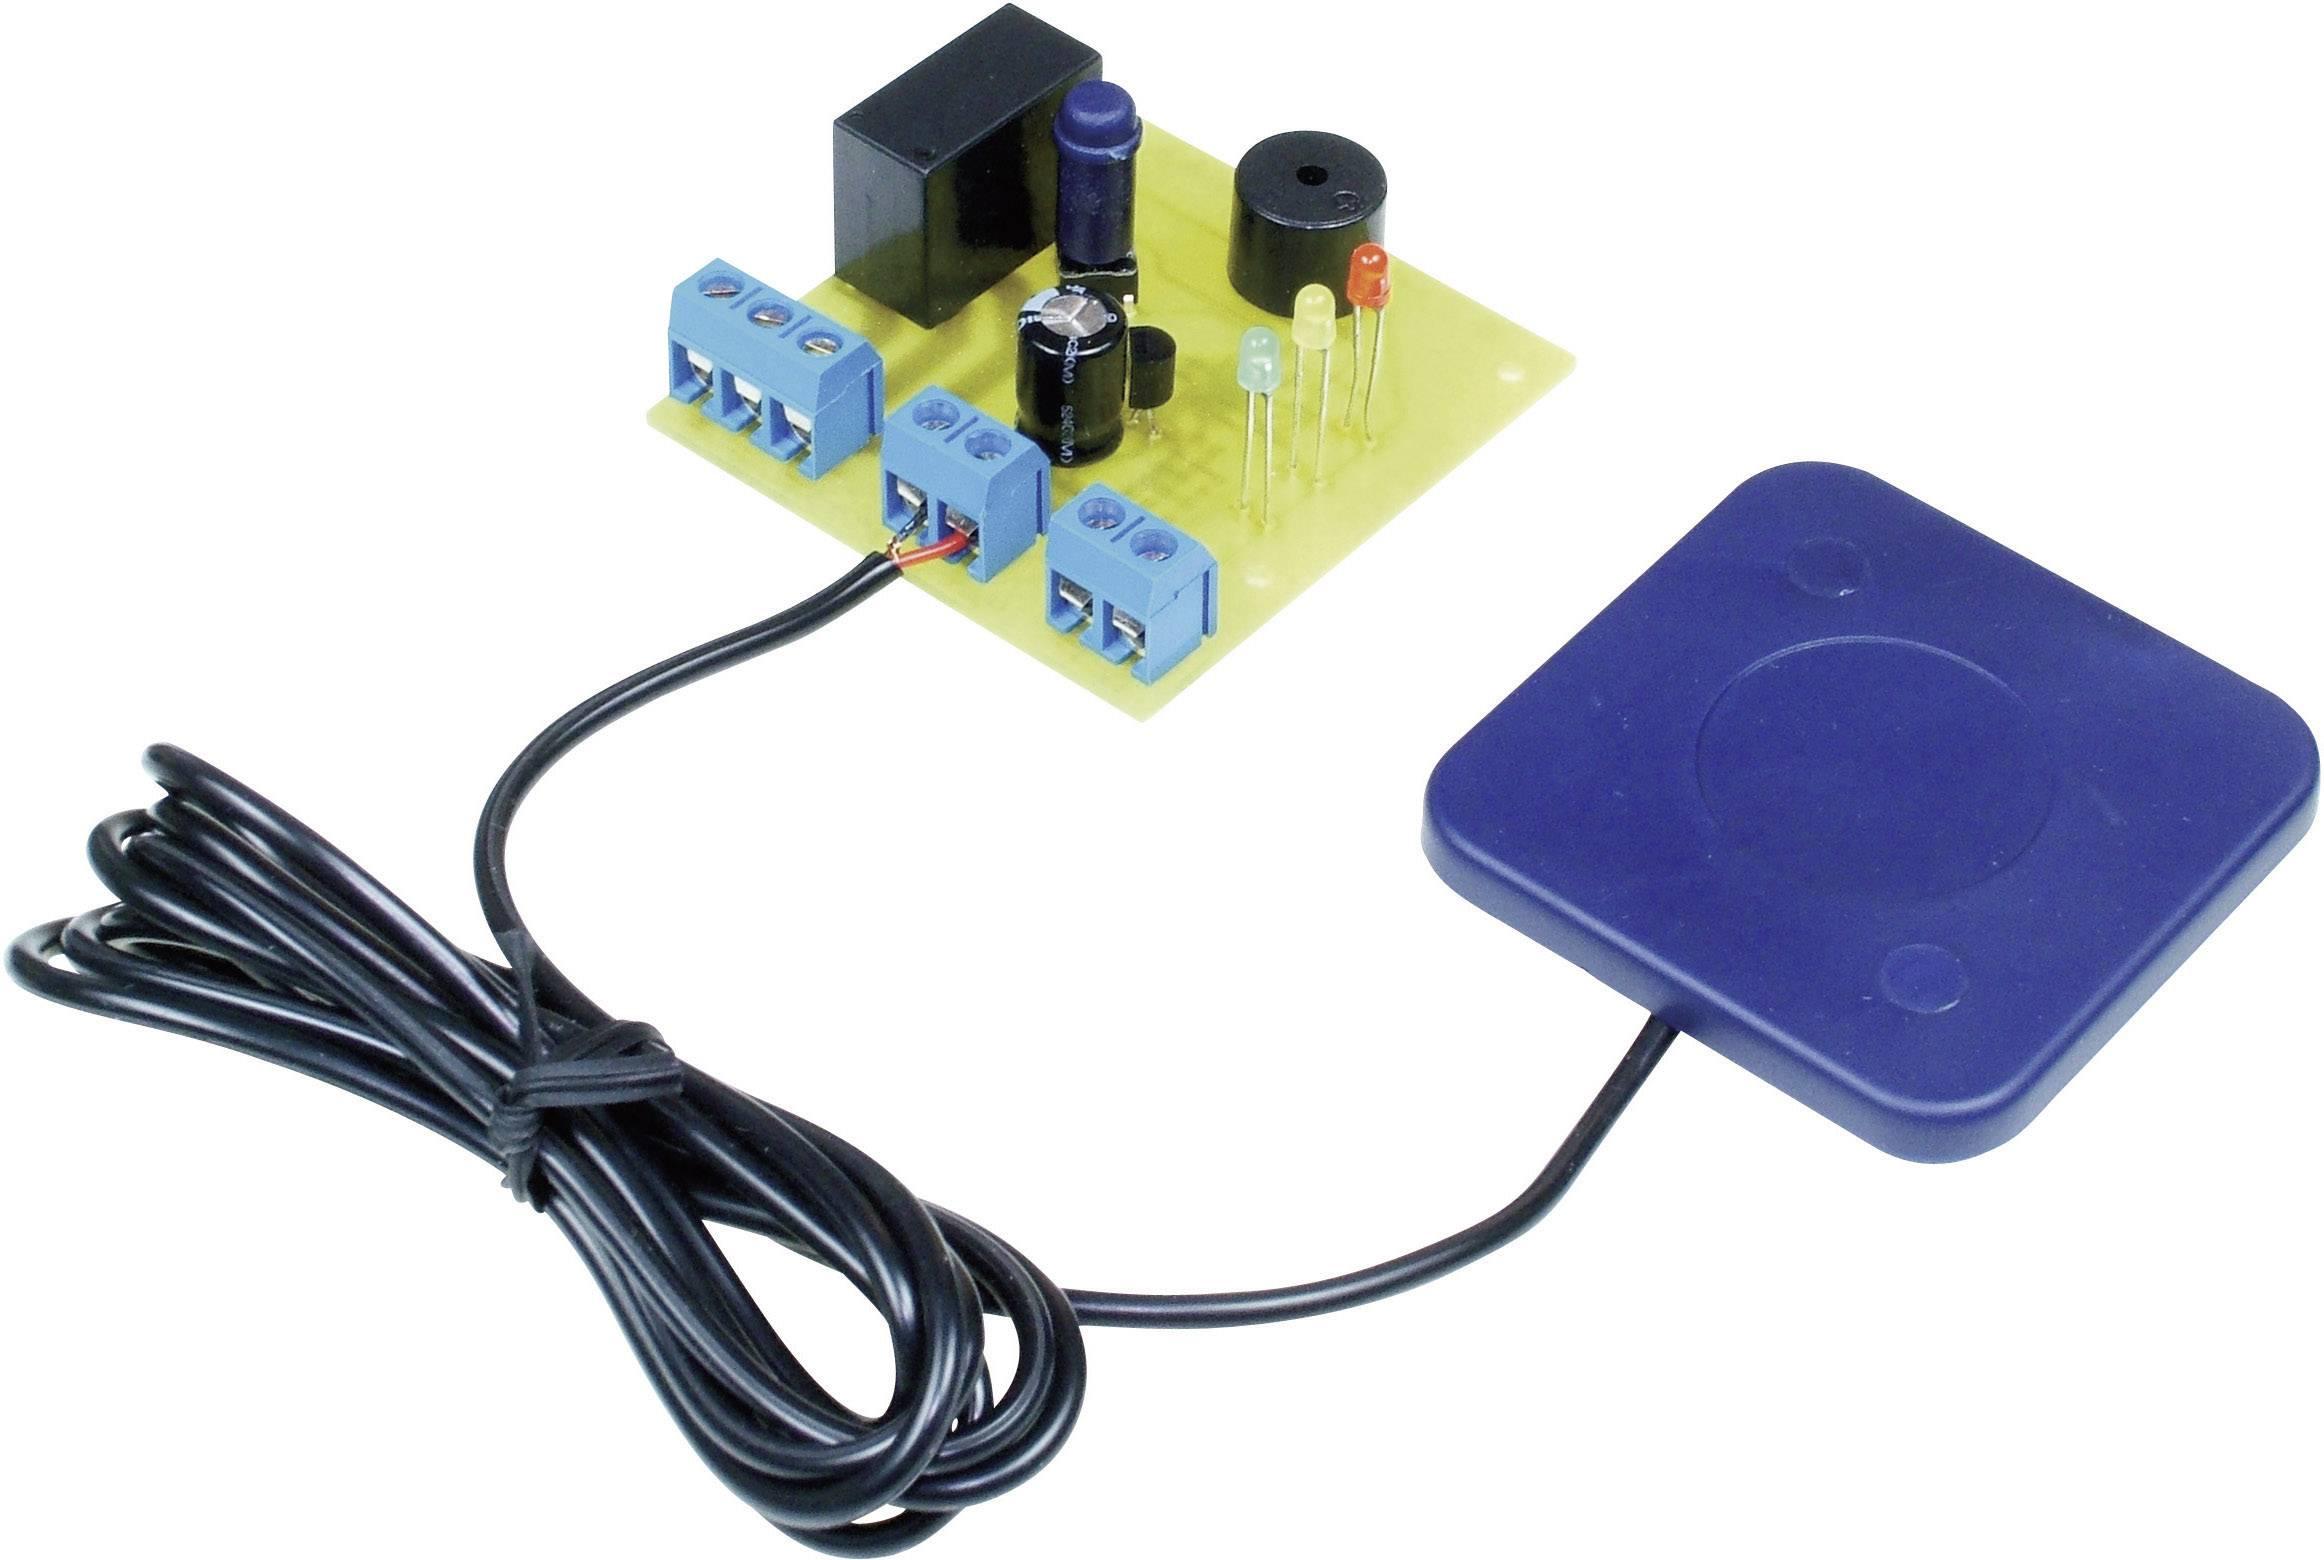 Kontrola RFID prístupu TowiTek BST, Počet transpondérov (max.): 50, 12 V/DC, 9 V/AC, 12 V/AC, hotový modul